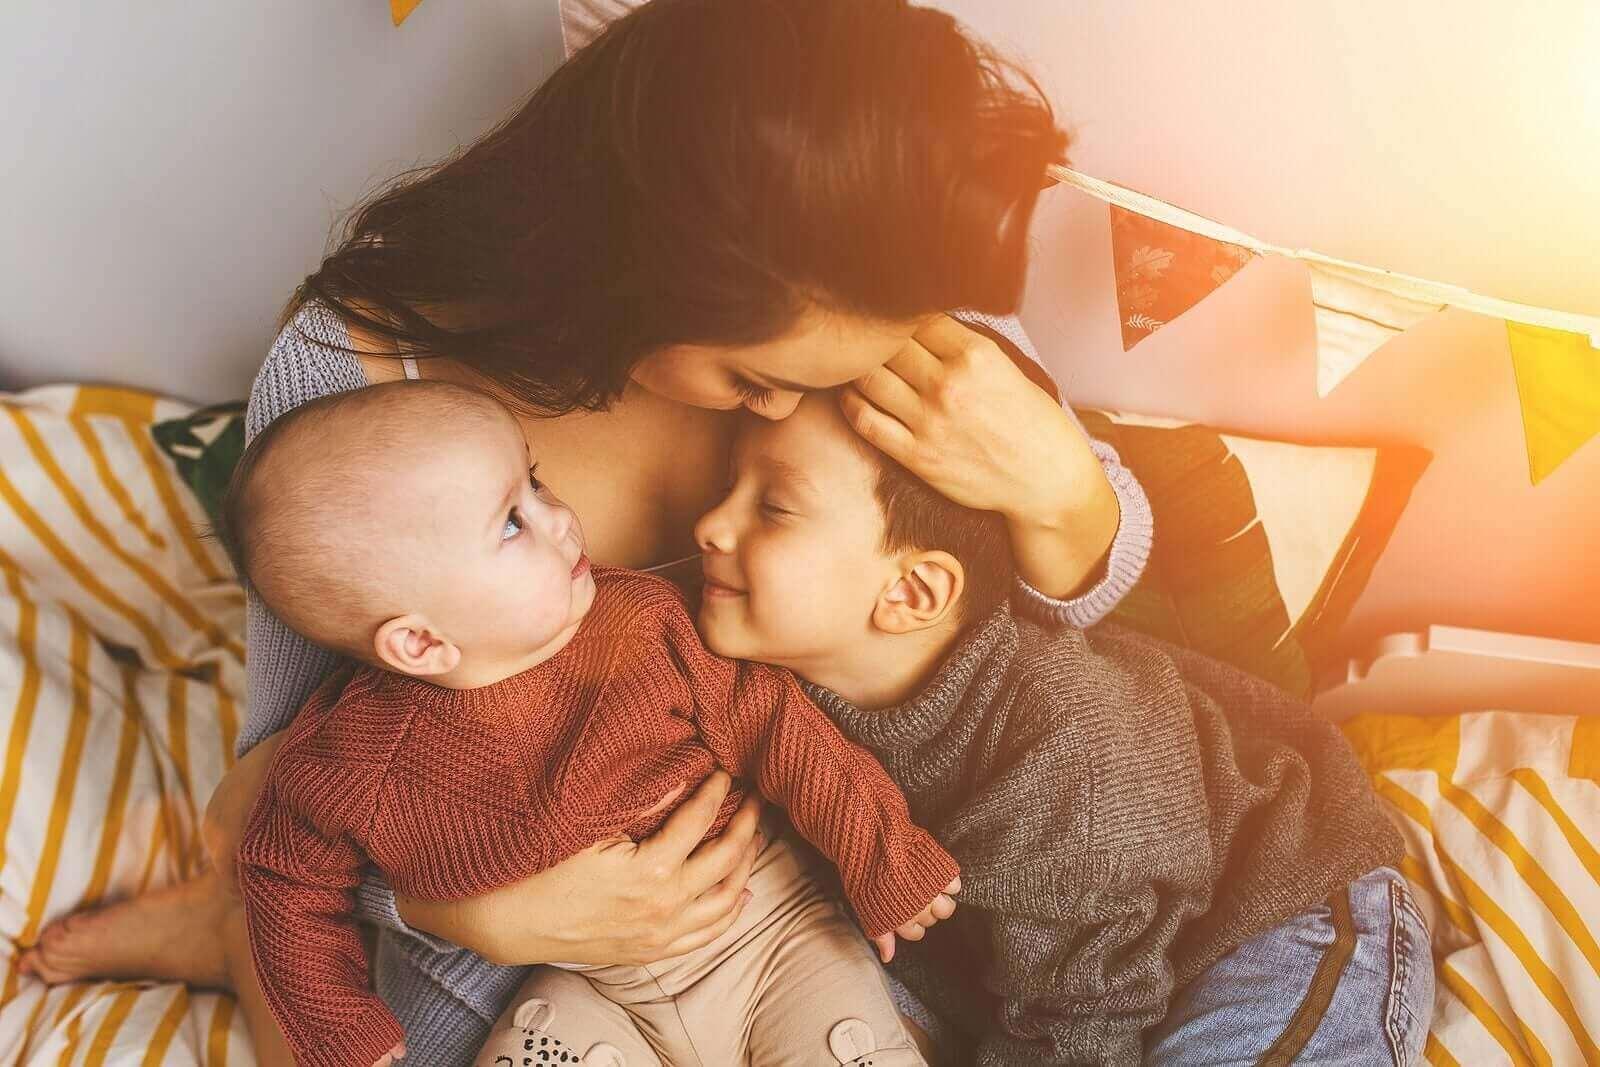 Onnelliset vanhemmat tarjoavat lapselle onnellisen kasvuympäristön